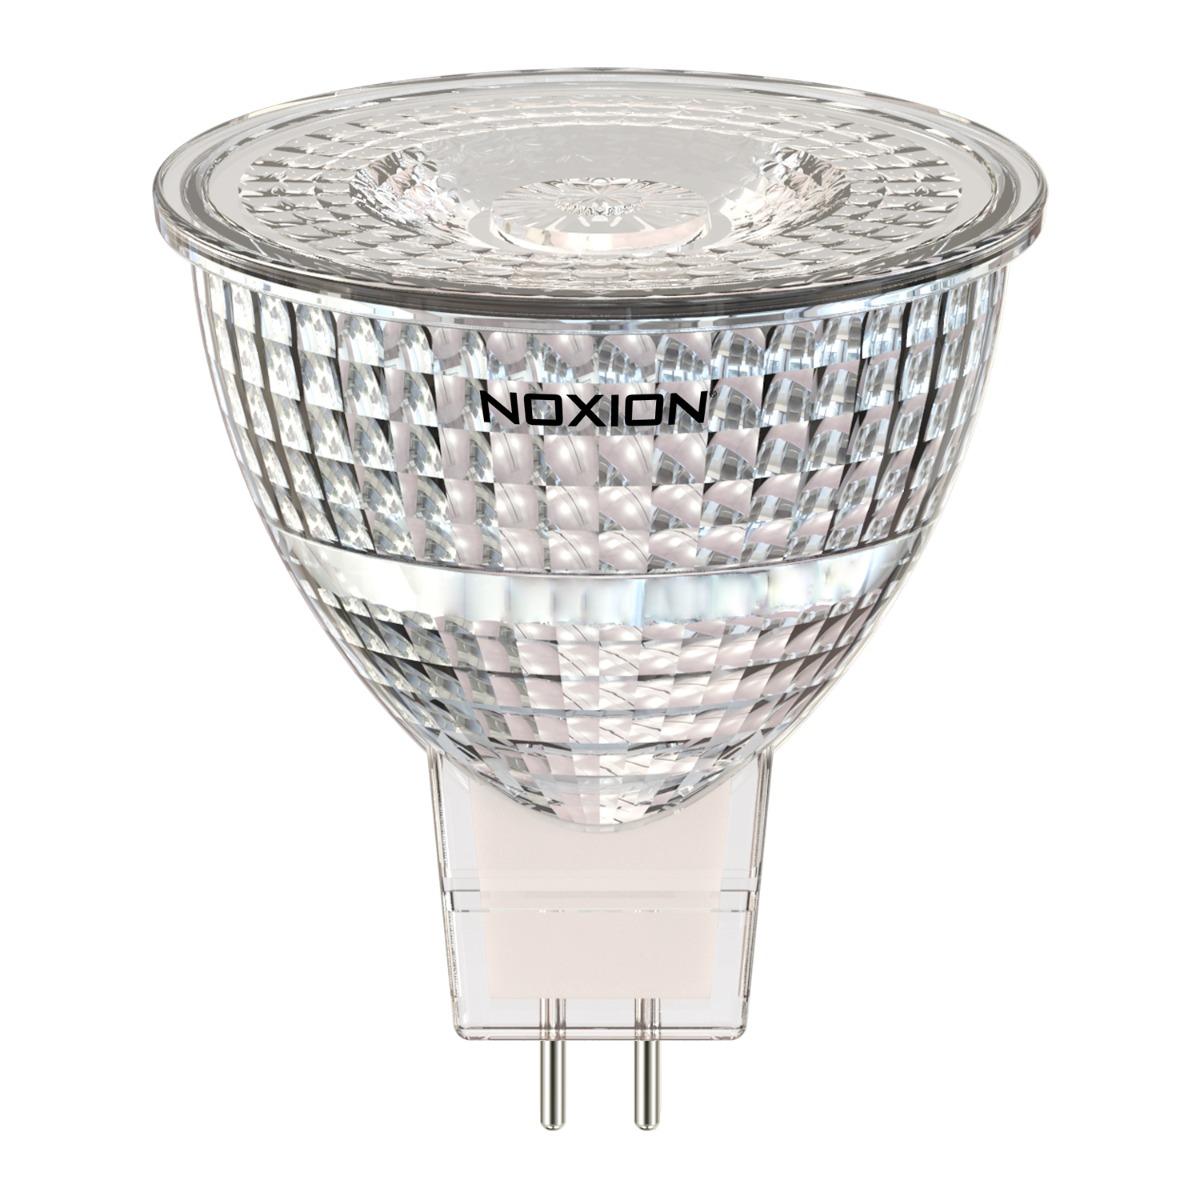 Noxion LED Spot GU5.3 7.8W 830 36D 730lm | Zeer Warm Wit - Vervangt 50W